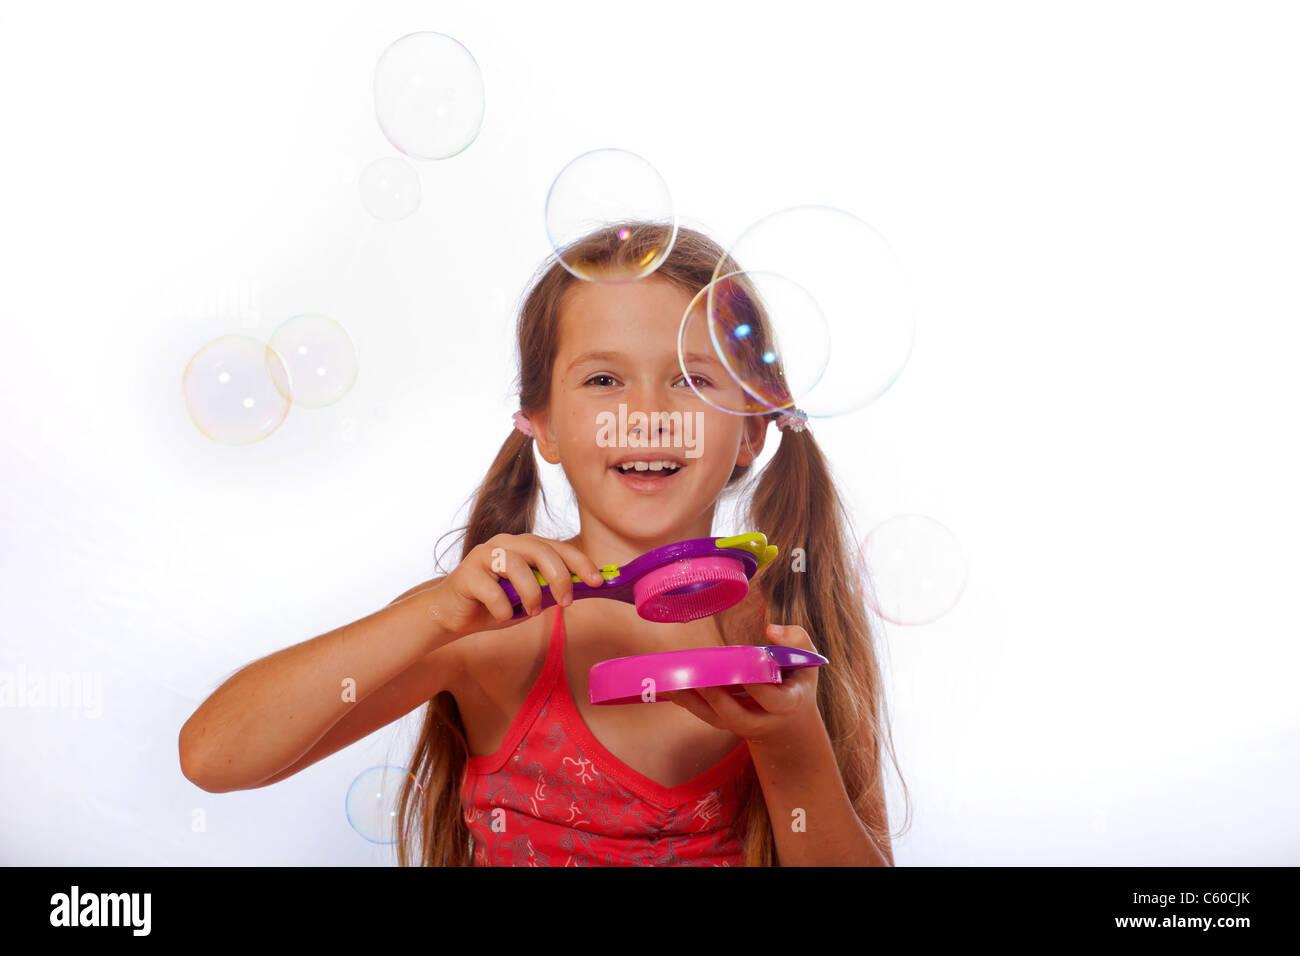 8 anno vecchia ragazza a giocare con le bolle di sapone Foto Stock